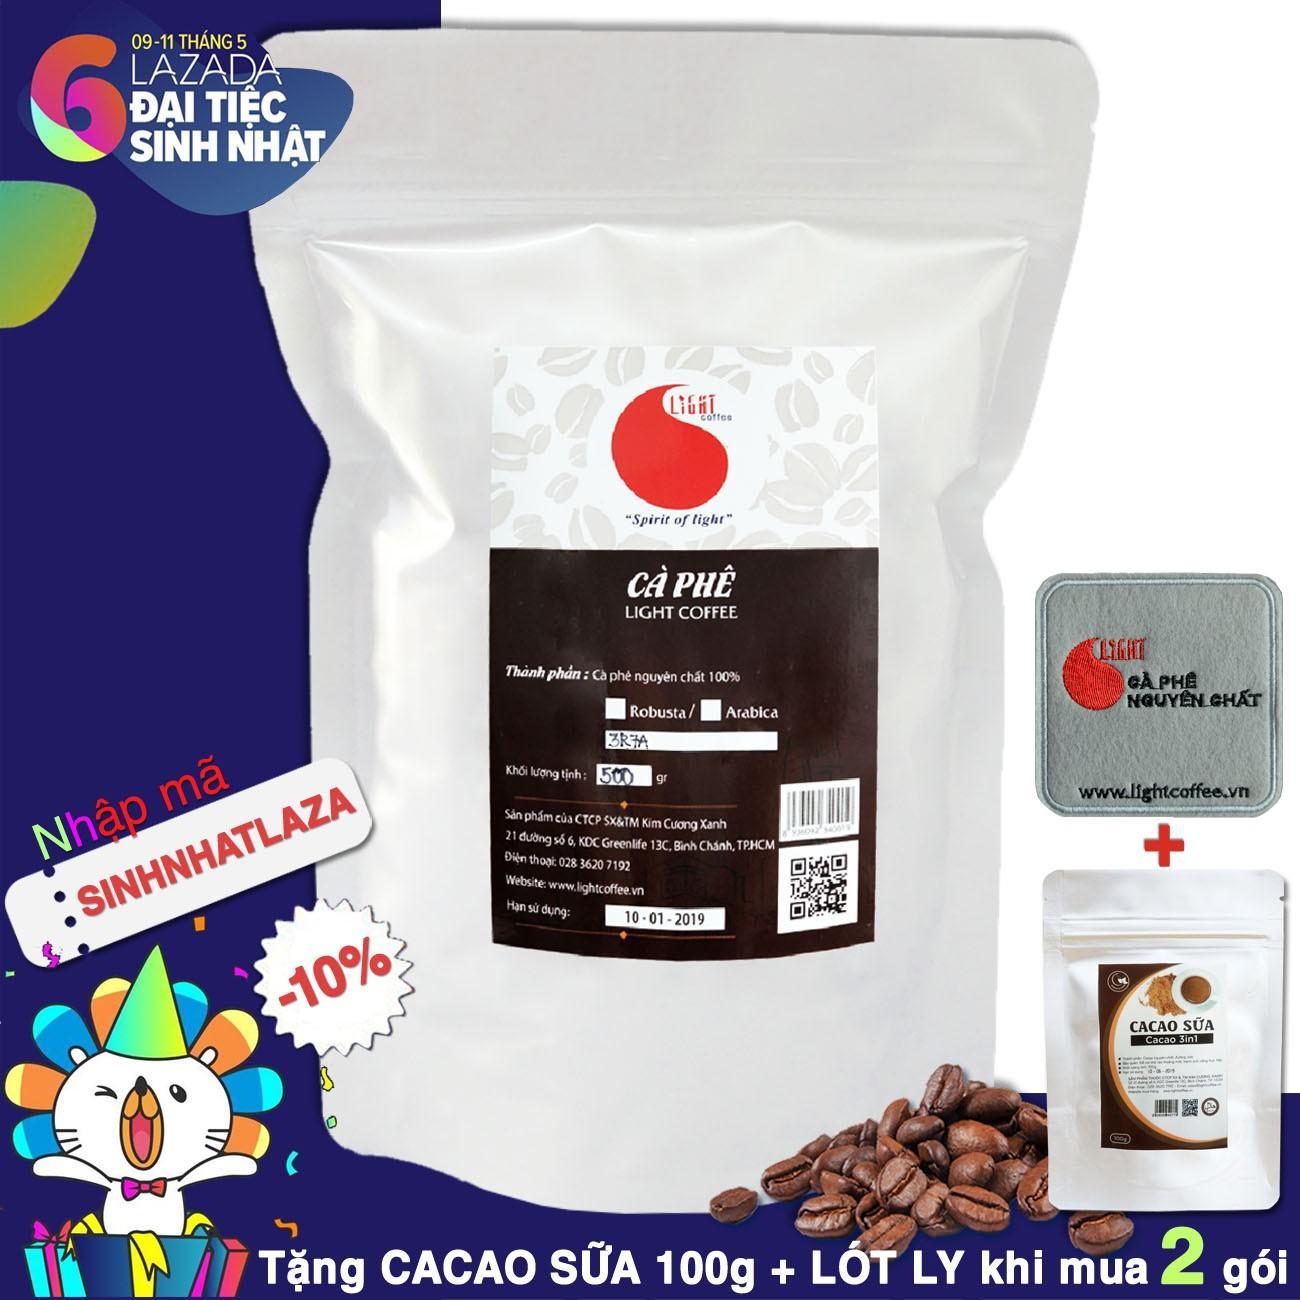 Giá Bán Ca Phe Nguyen Chất 100 Dạng Hạt Chua Thanh Dịu Dang Light Coffee 500Gr Trong Hồ Chí Minh